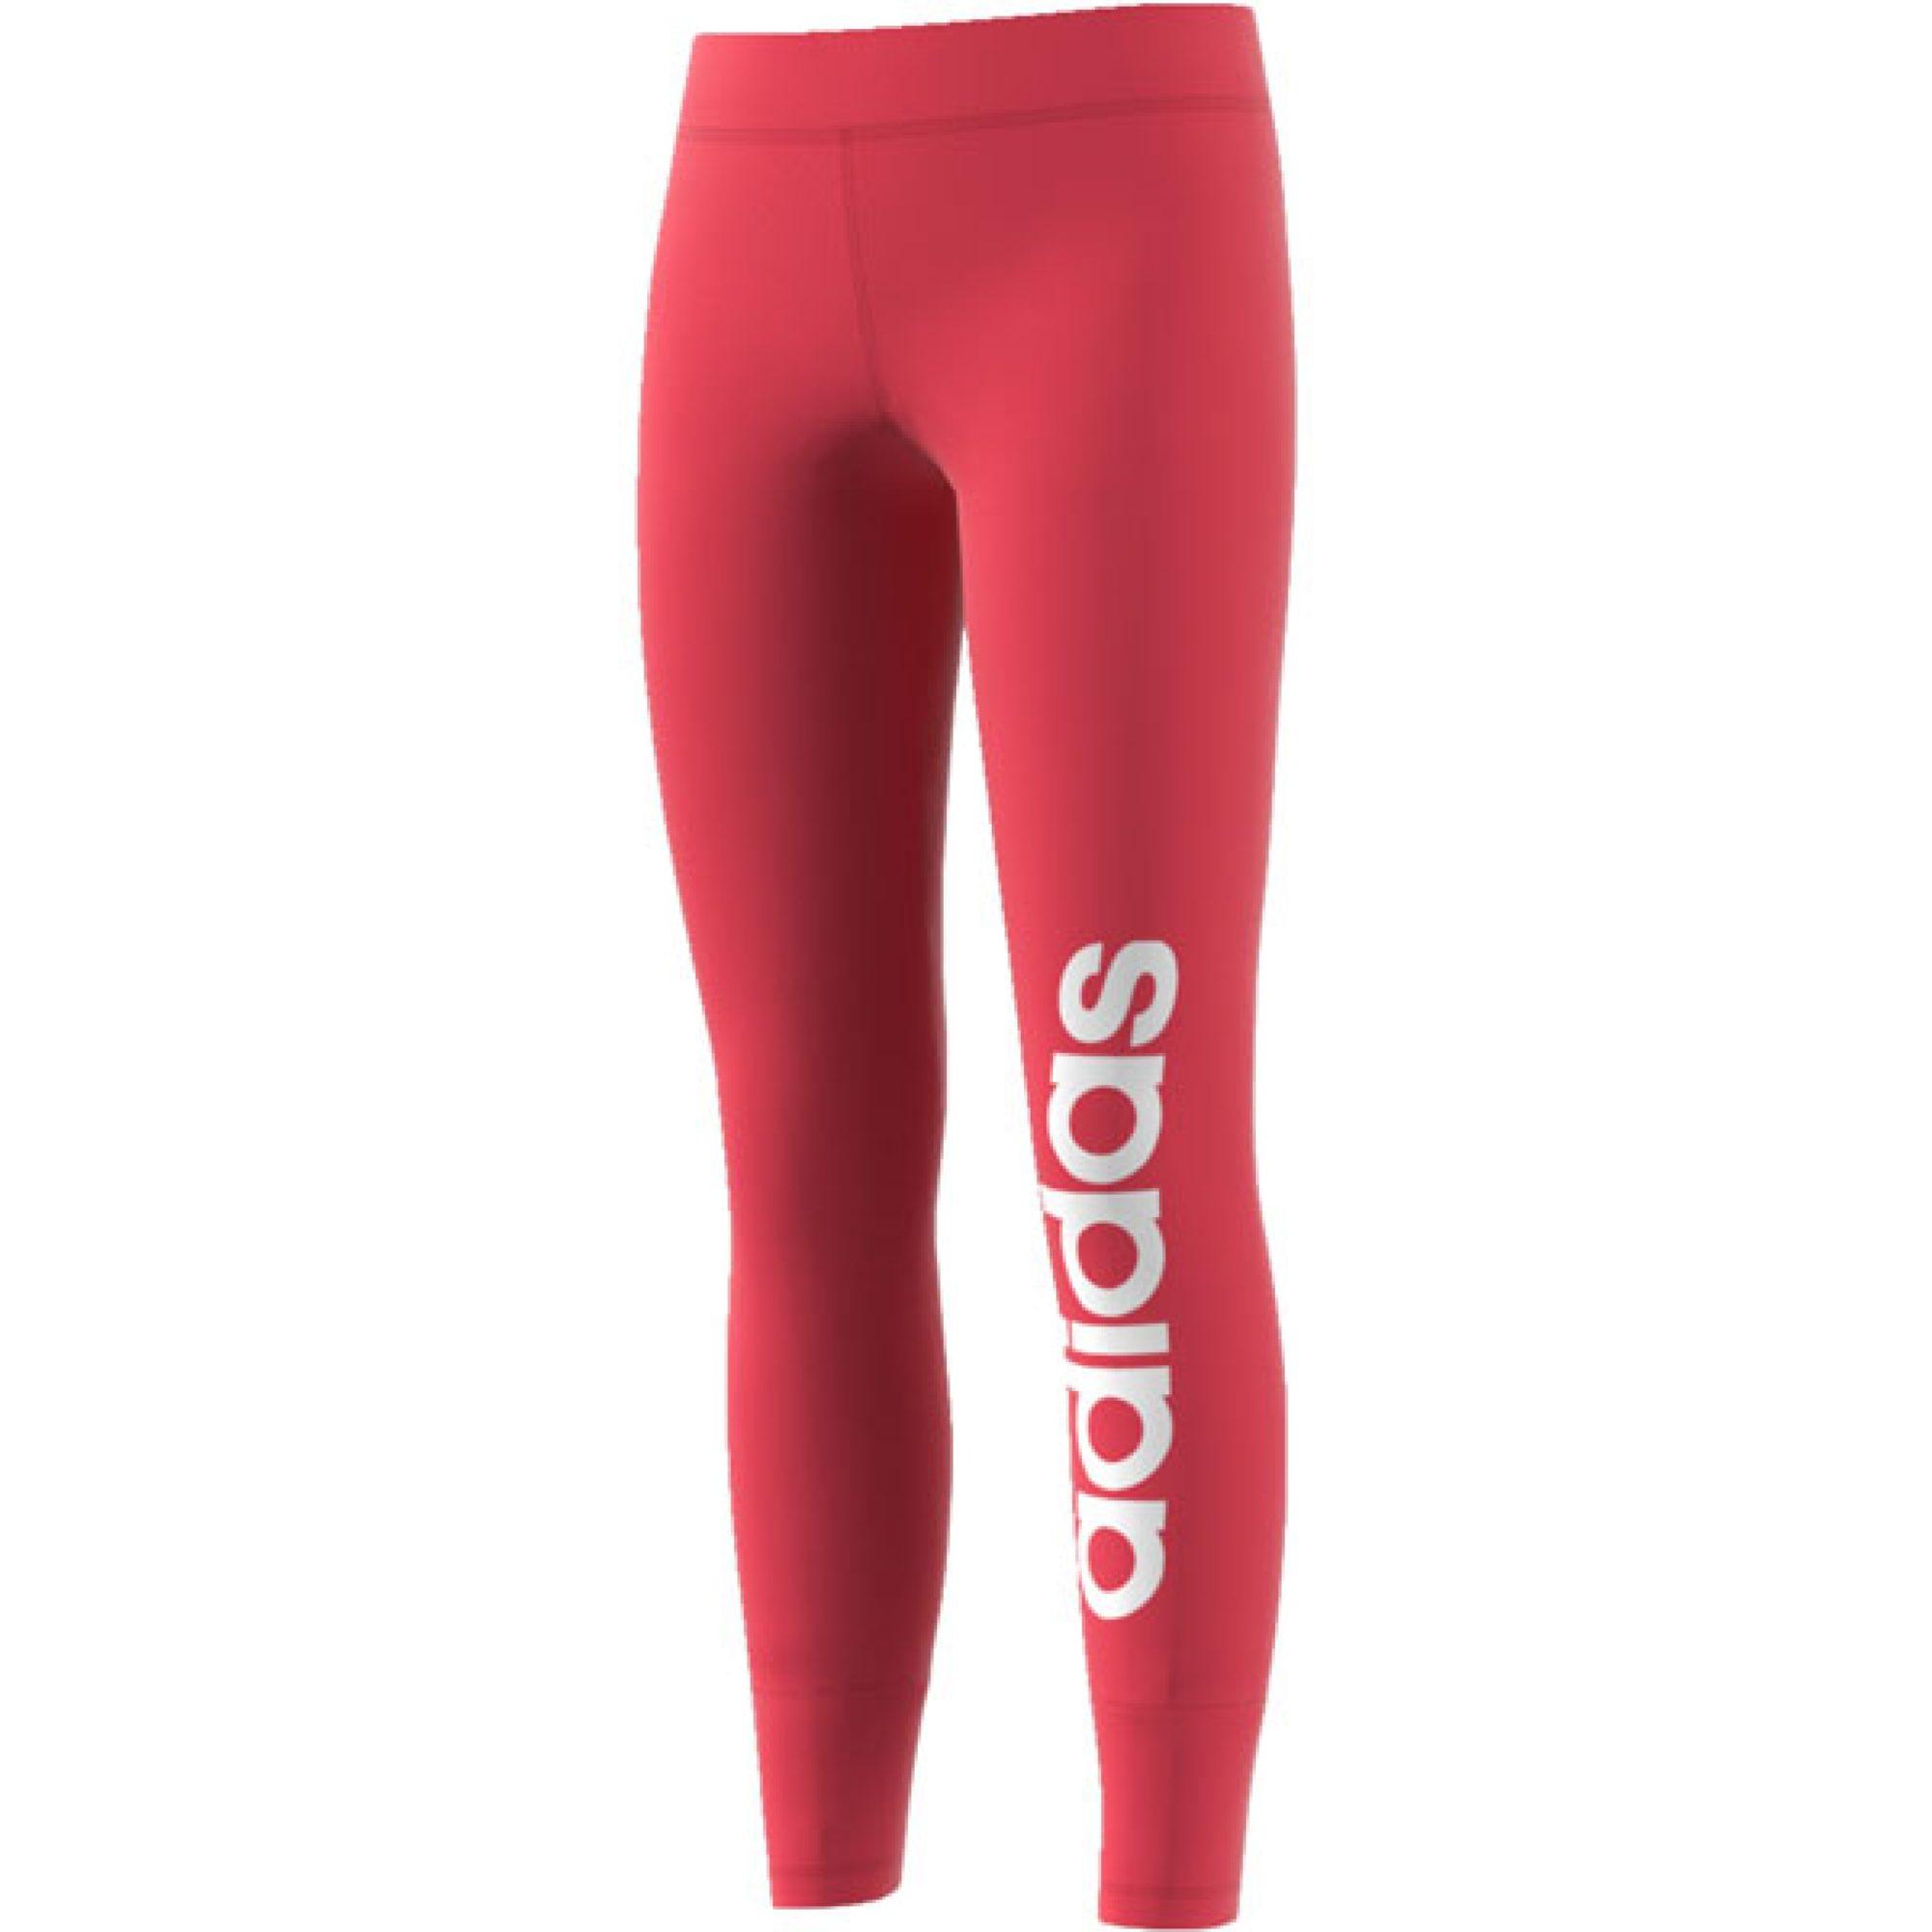 47d1d7876e8 adidas YG Gear Up Linear… Siontisathletics. 23,20 €. ΠΕΡΙΣΣΟΤΕΡΑ. NIKE - Γυναικείο  αθλητικό ...